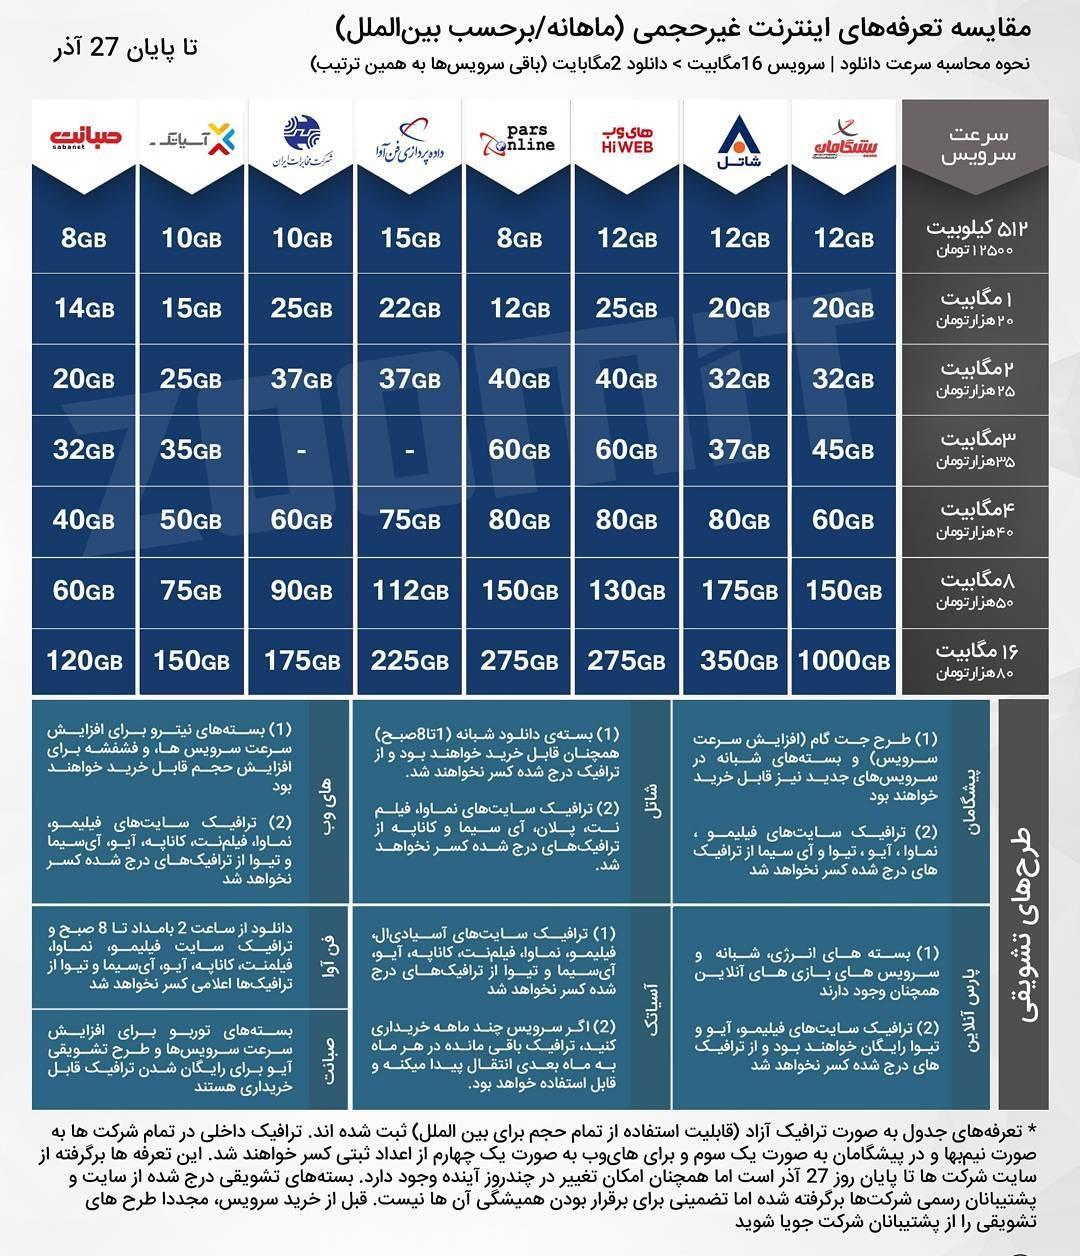 1513743836 رقابت عجیب و تنگاتنگ شرکتها در تعرفه اینترنت نامحدود ADSL +لیست